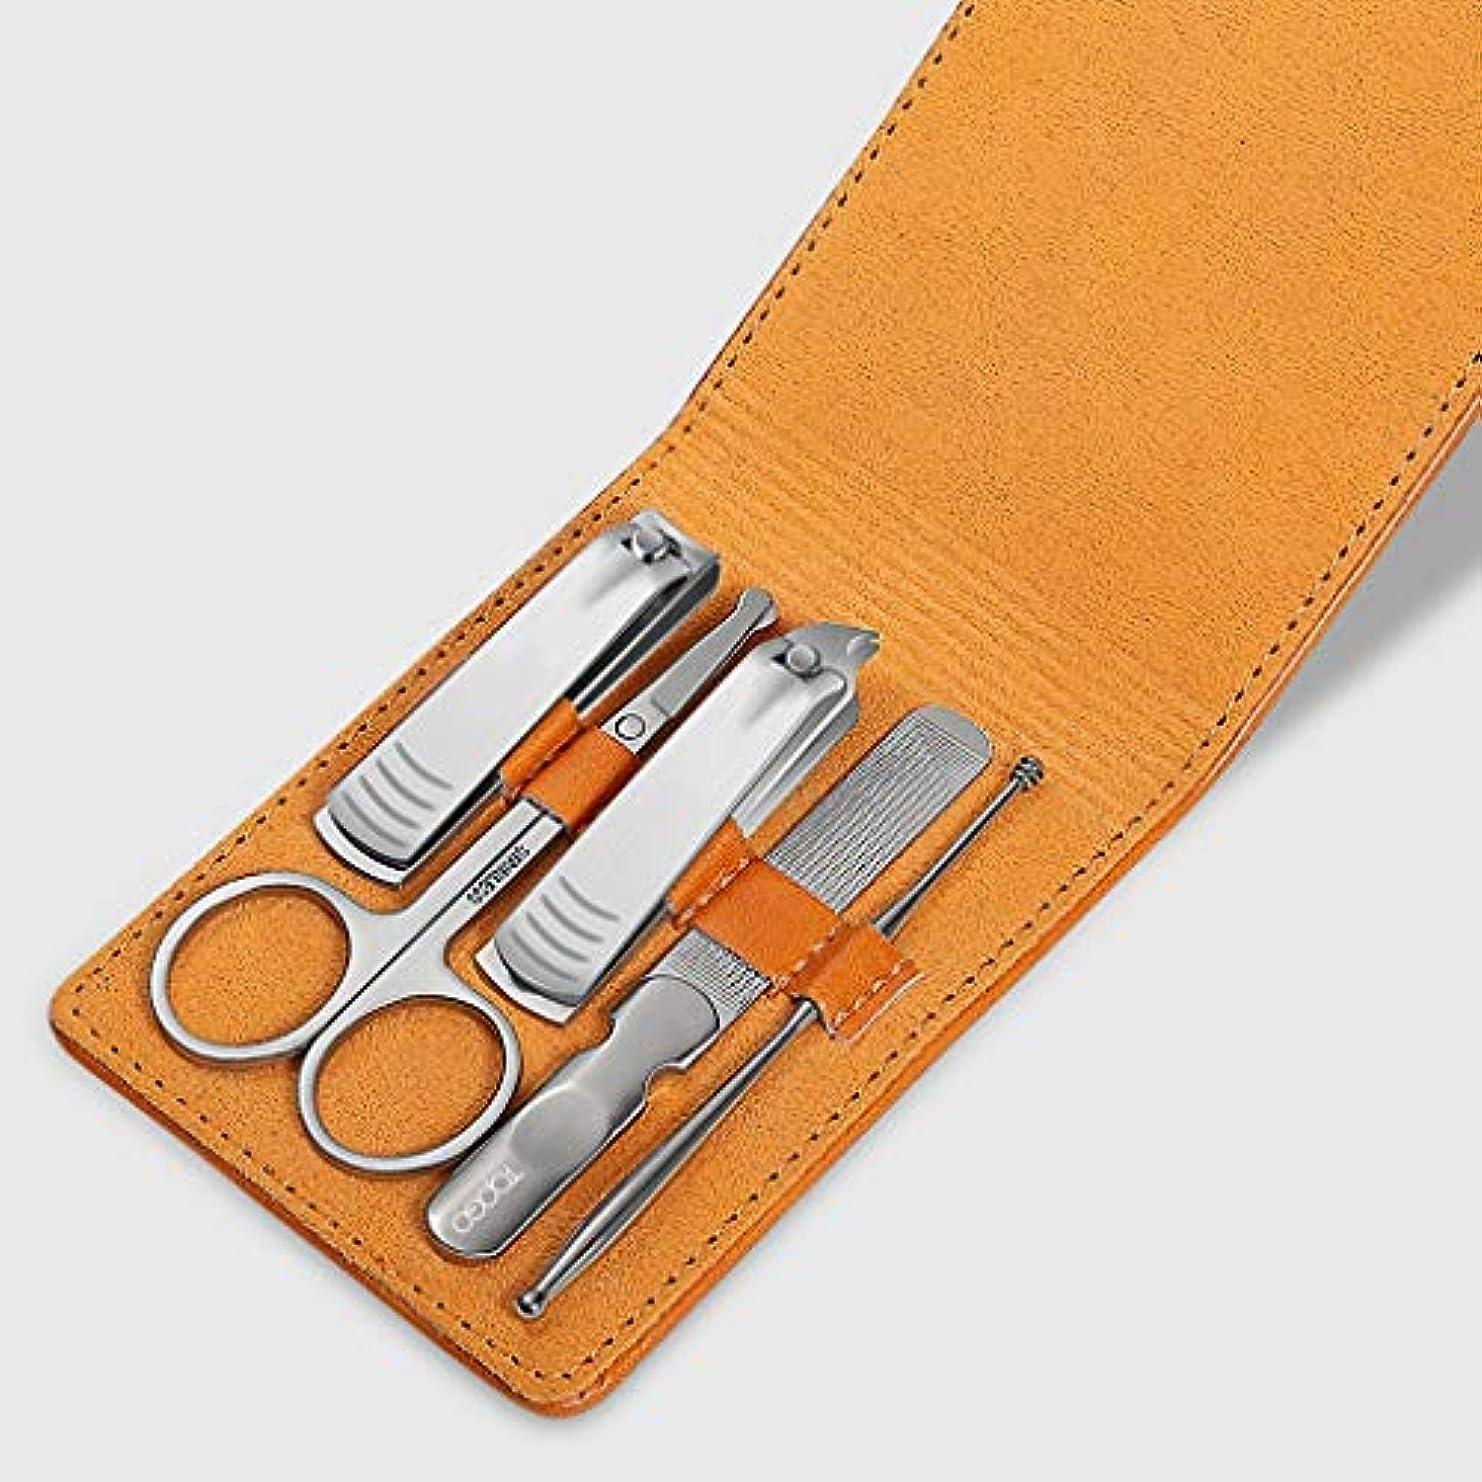 名誉ピービッシュ領域5のマニキュアセット、ステンレス鋼の爪切り、大人の手入れの行き届いた爪、マニキュア、パーソナルケア、小さくて便利、出張に使用することができます。,Silver